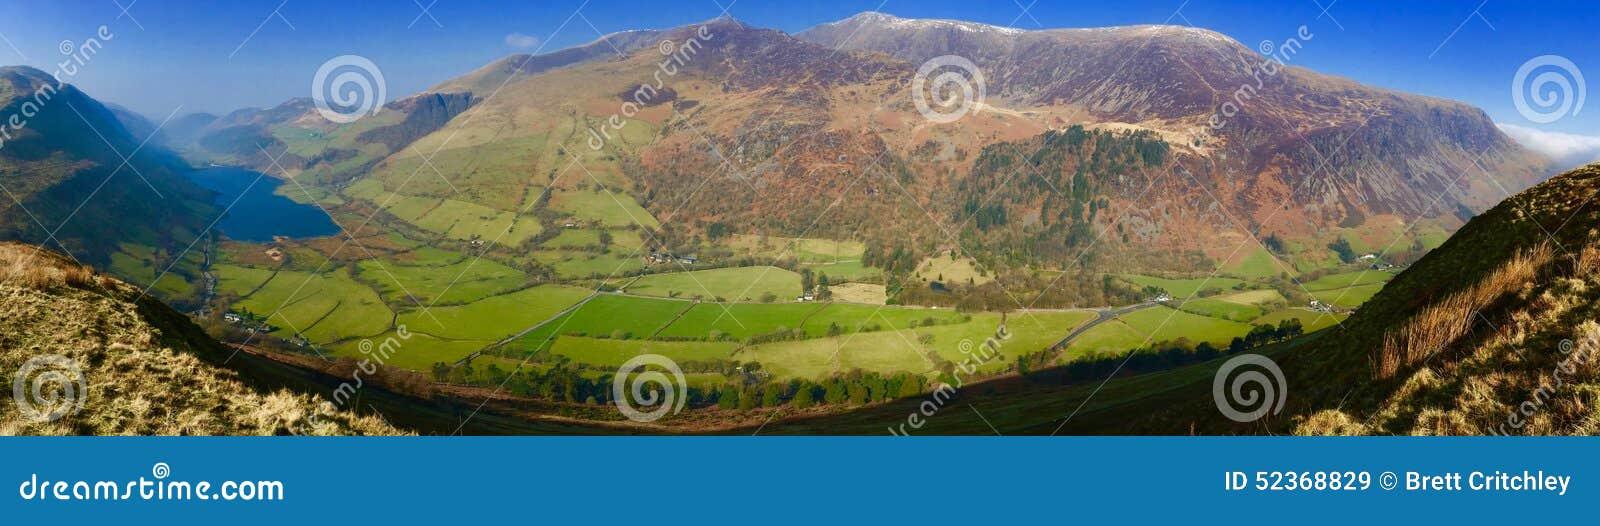 Meer tal-y-Lynn en bergen Snowdonia